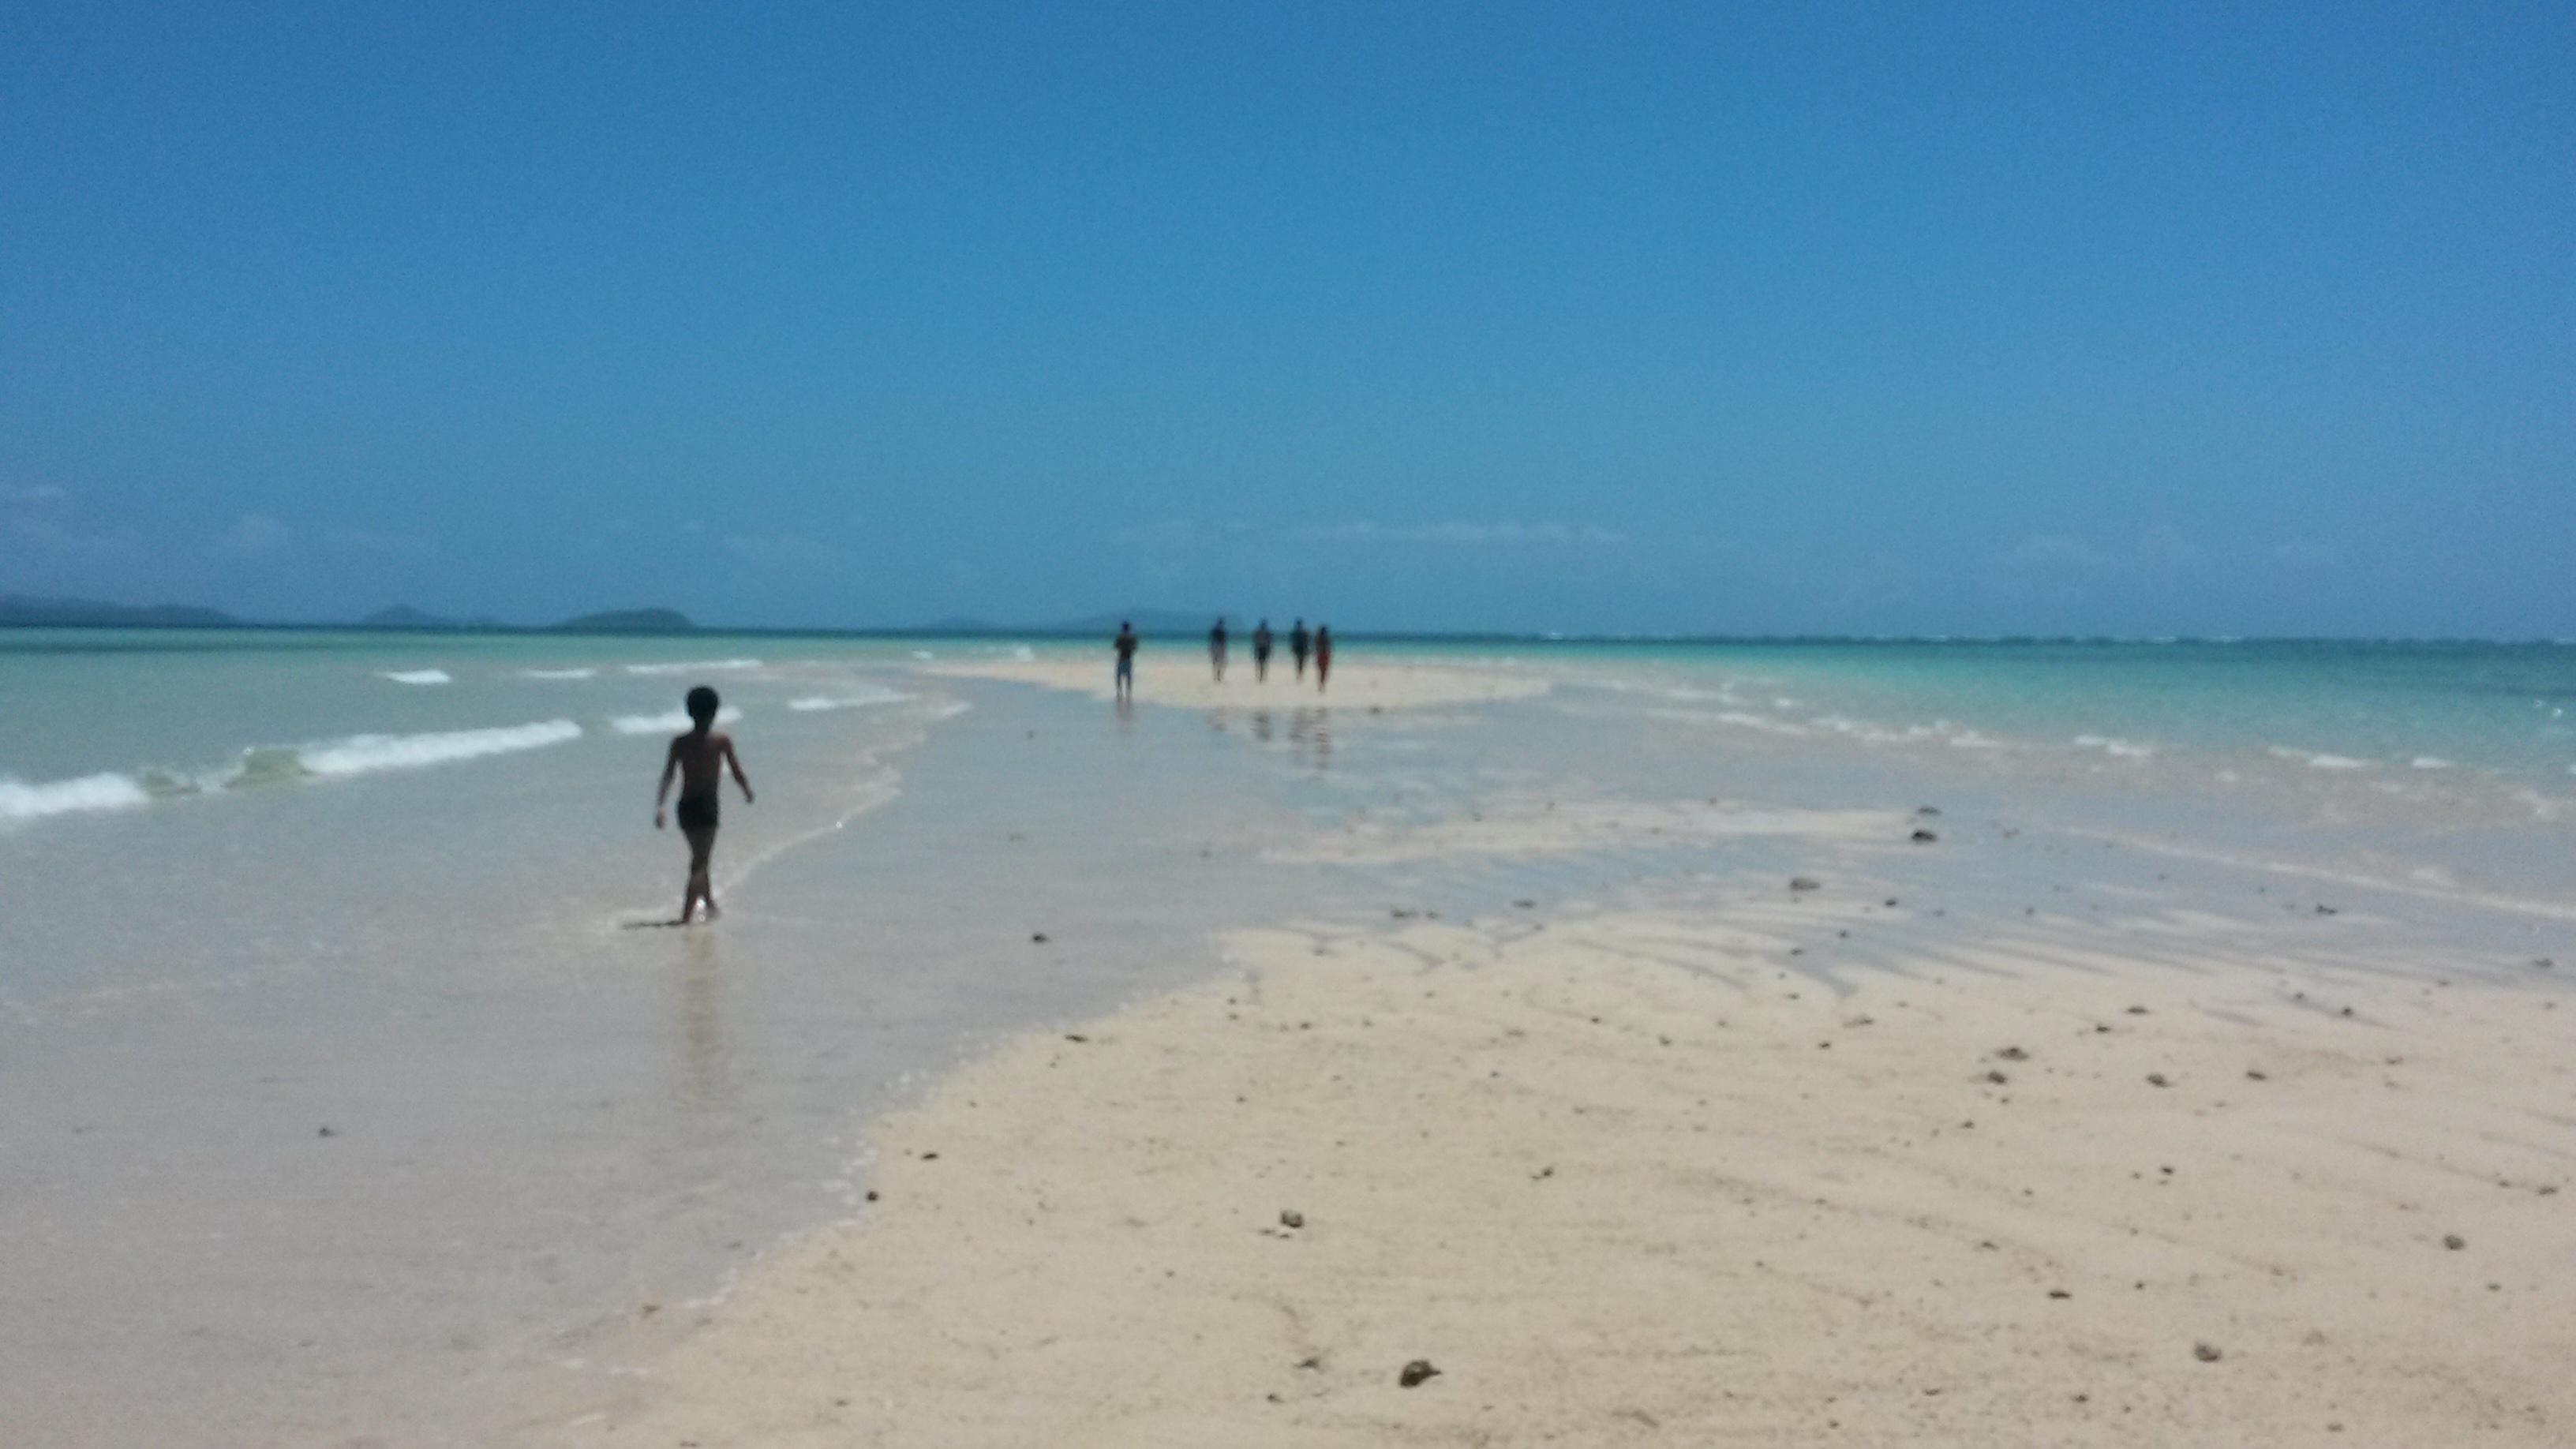 pour un bon jeu, il faut du bon sable. Alors préservons nos plages!